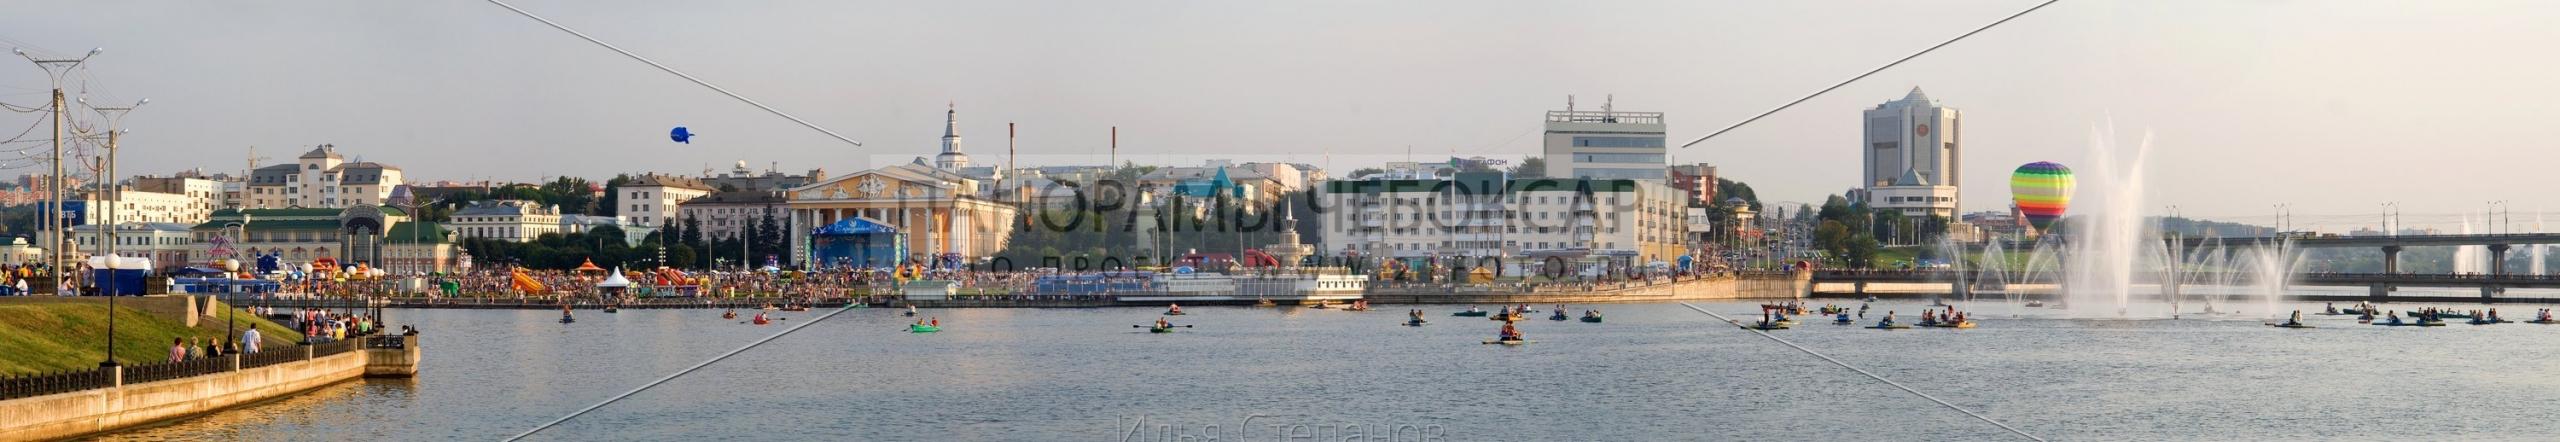 Воздушний шар на панорамном заливе Илья Степанов — Чебоксары